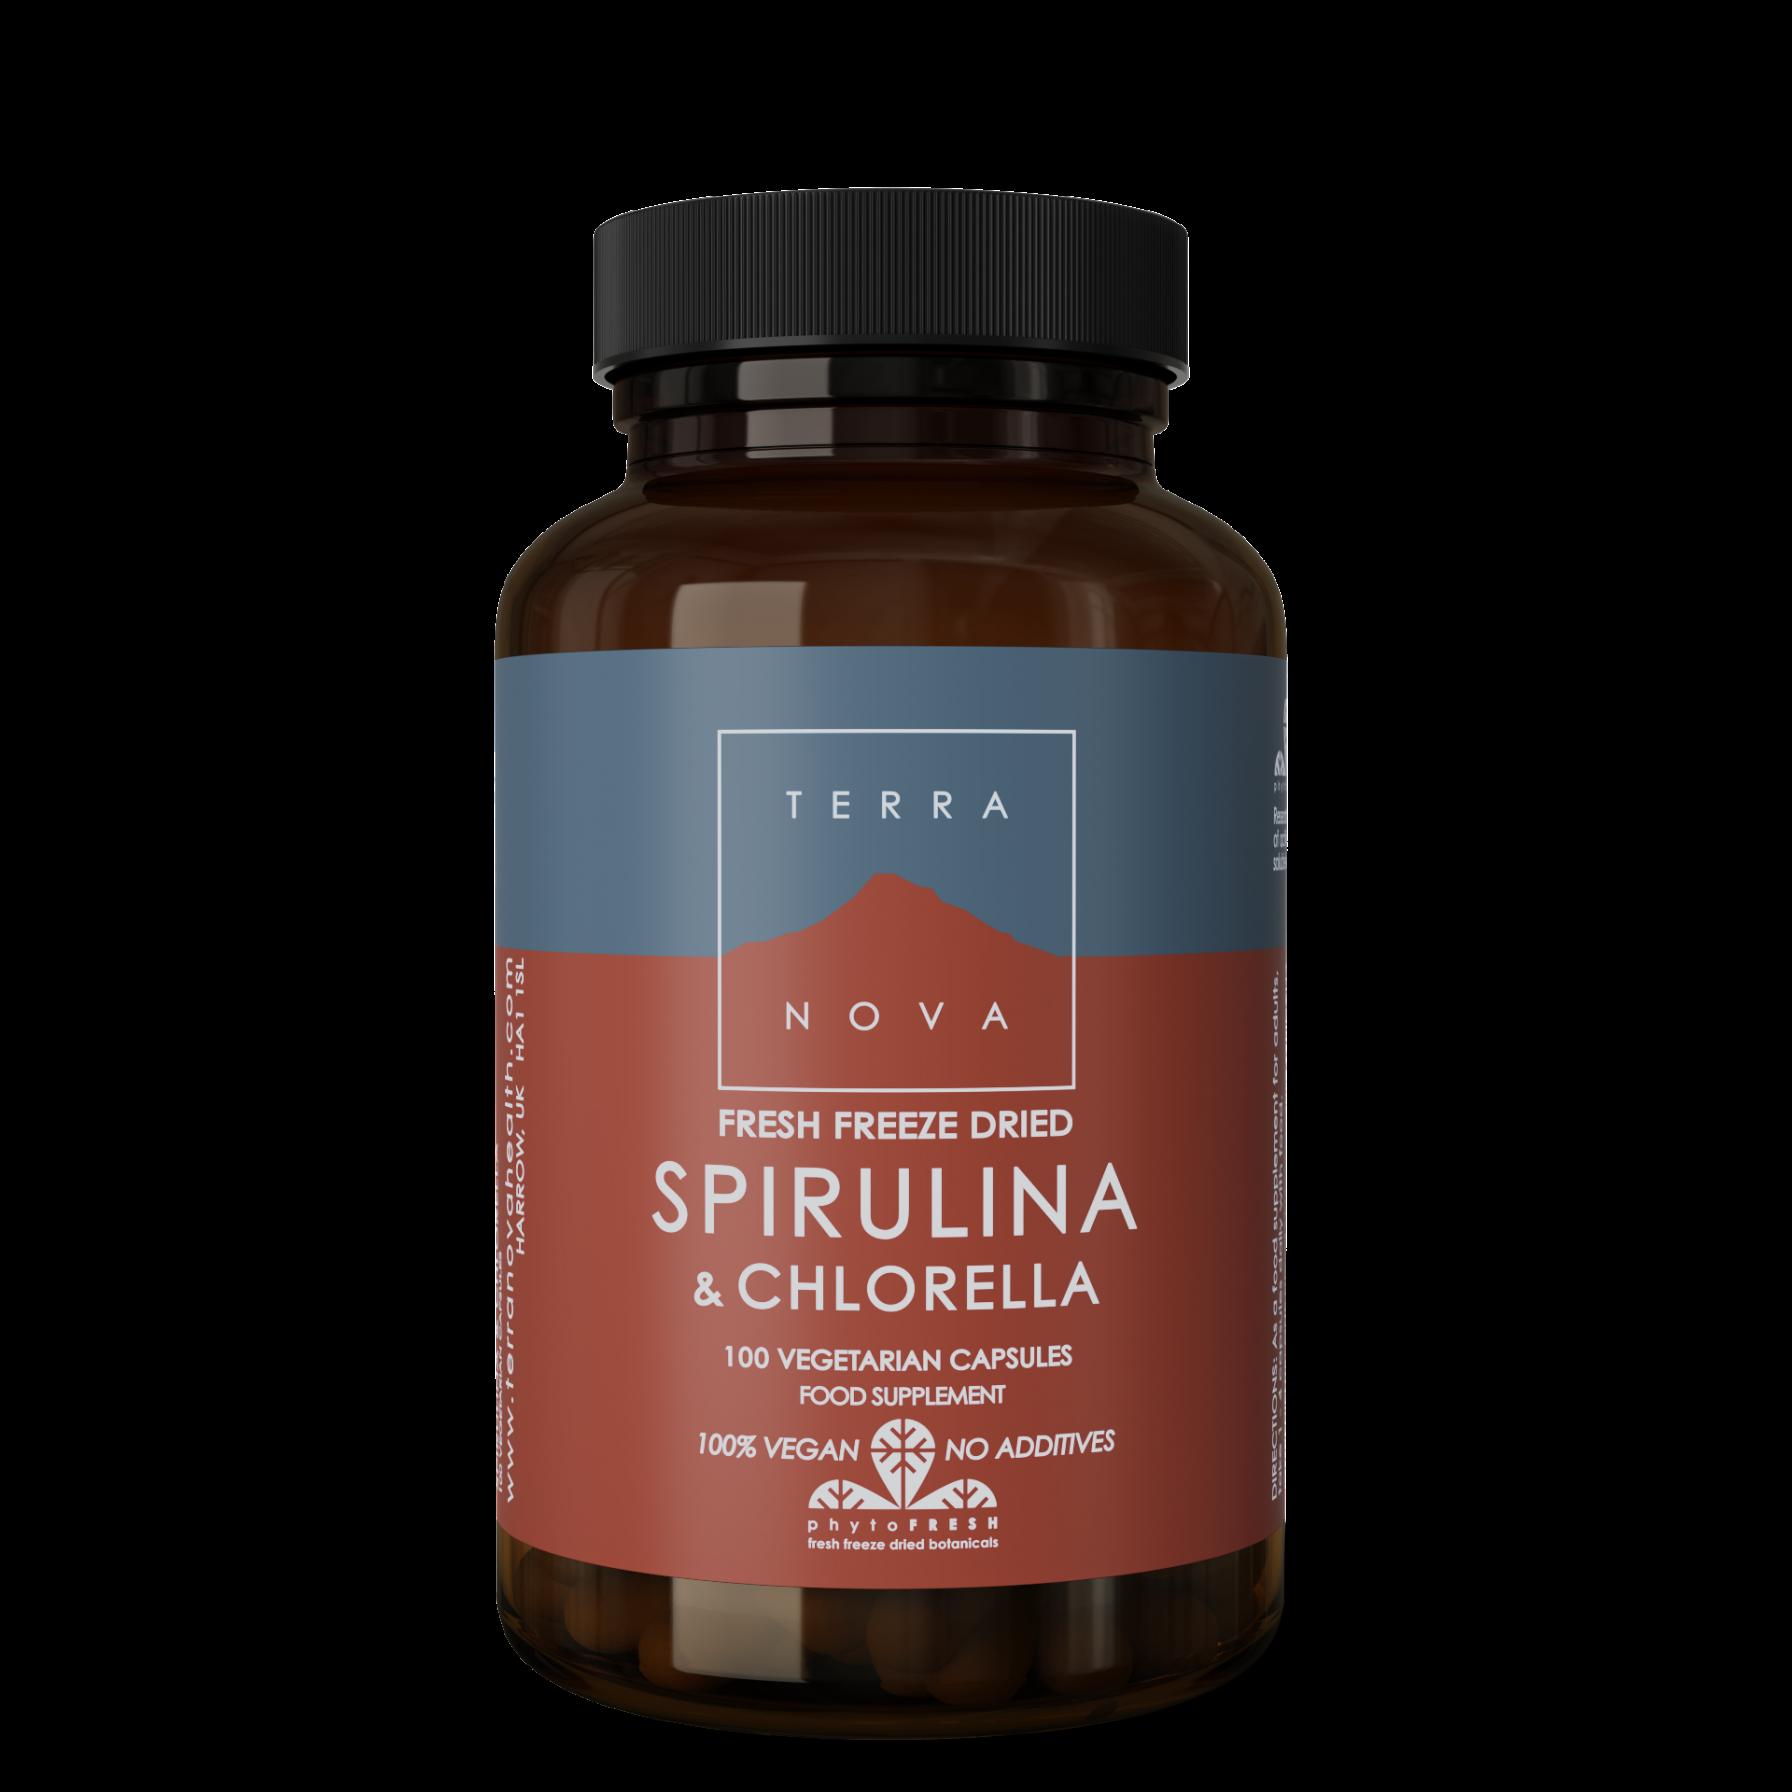 Spirulina & Chlorella Capsules 100's